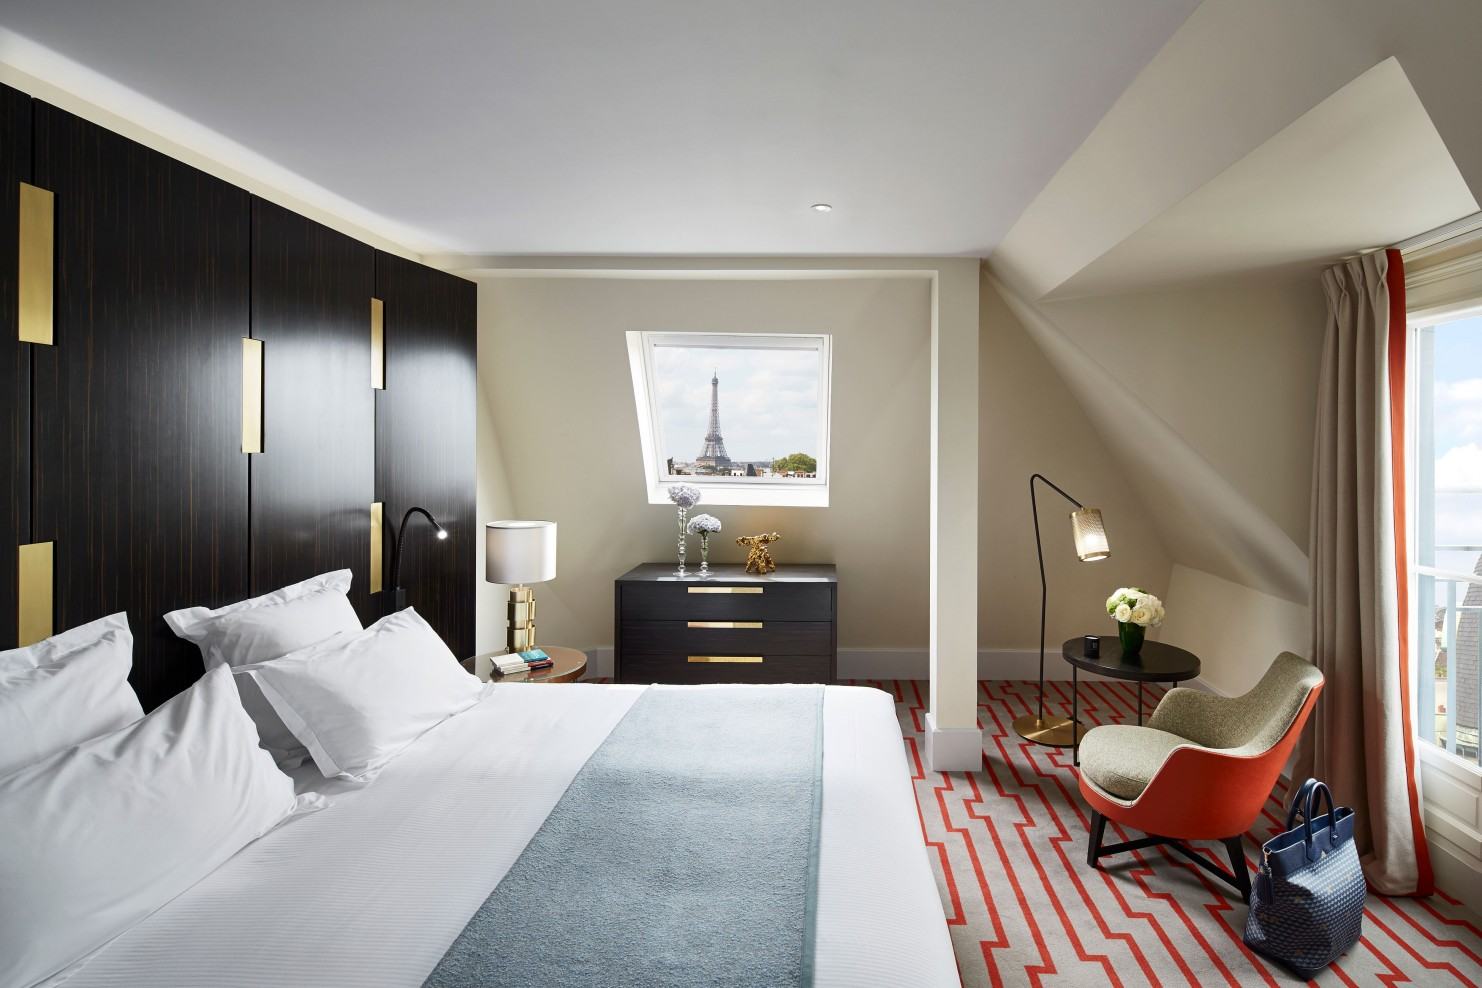 Pet-friendly hotels in Saint-Germain-des-Prés | Smith Hotels